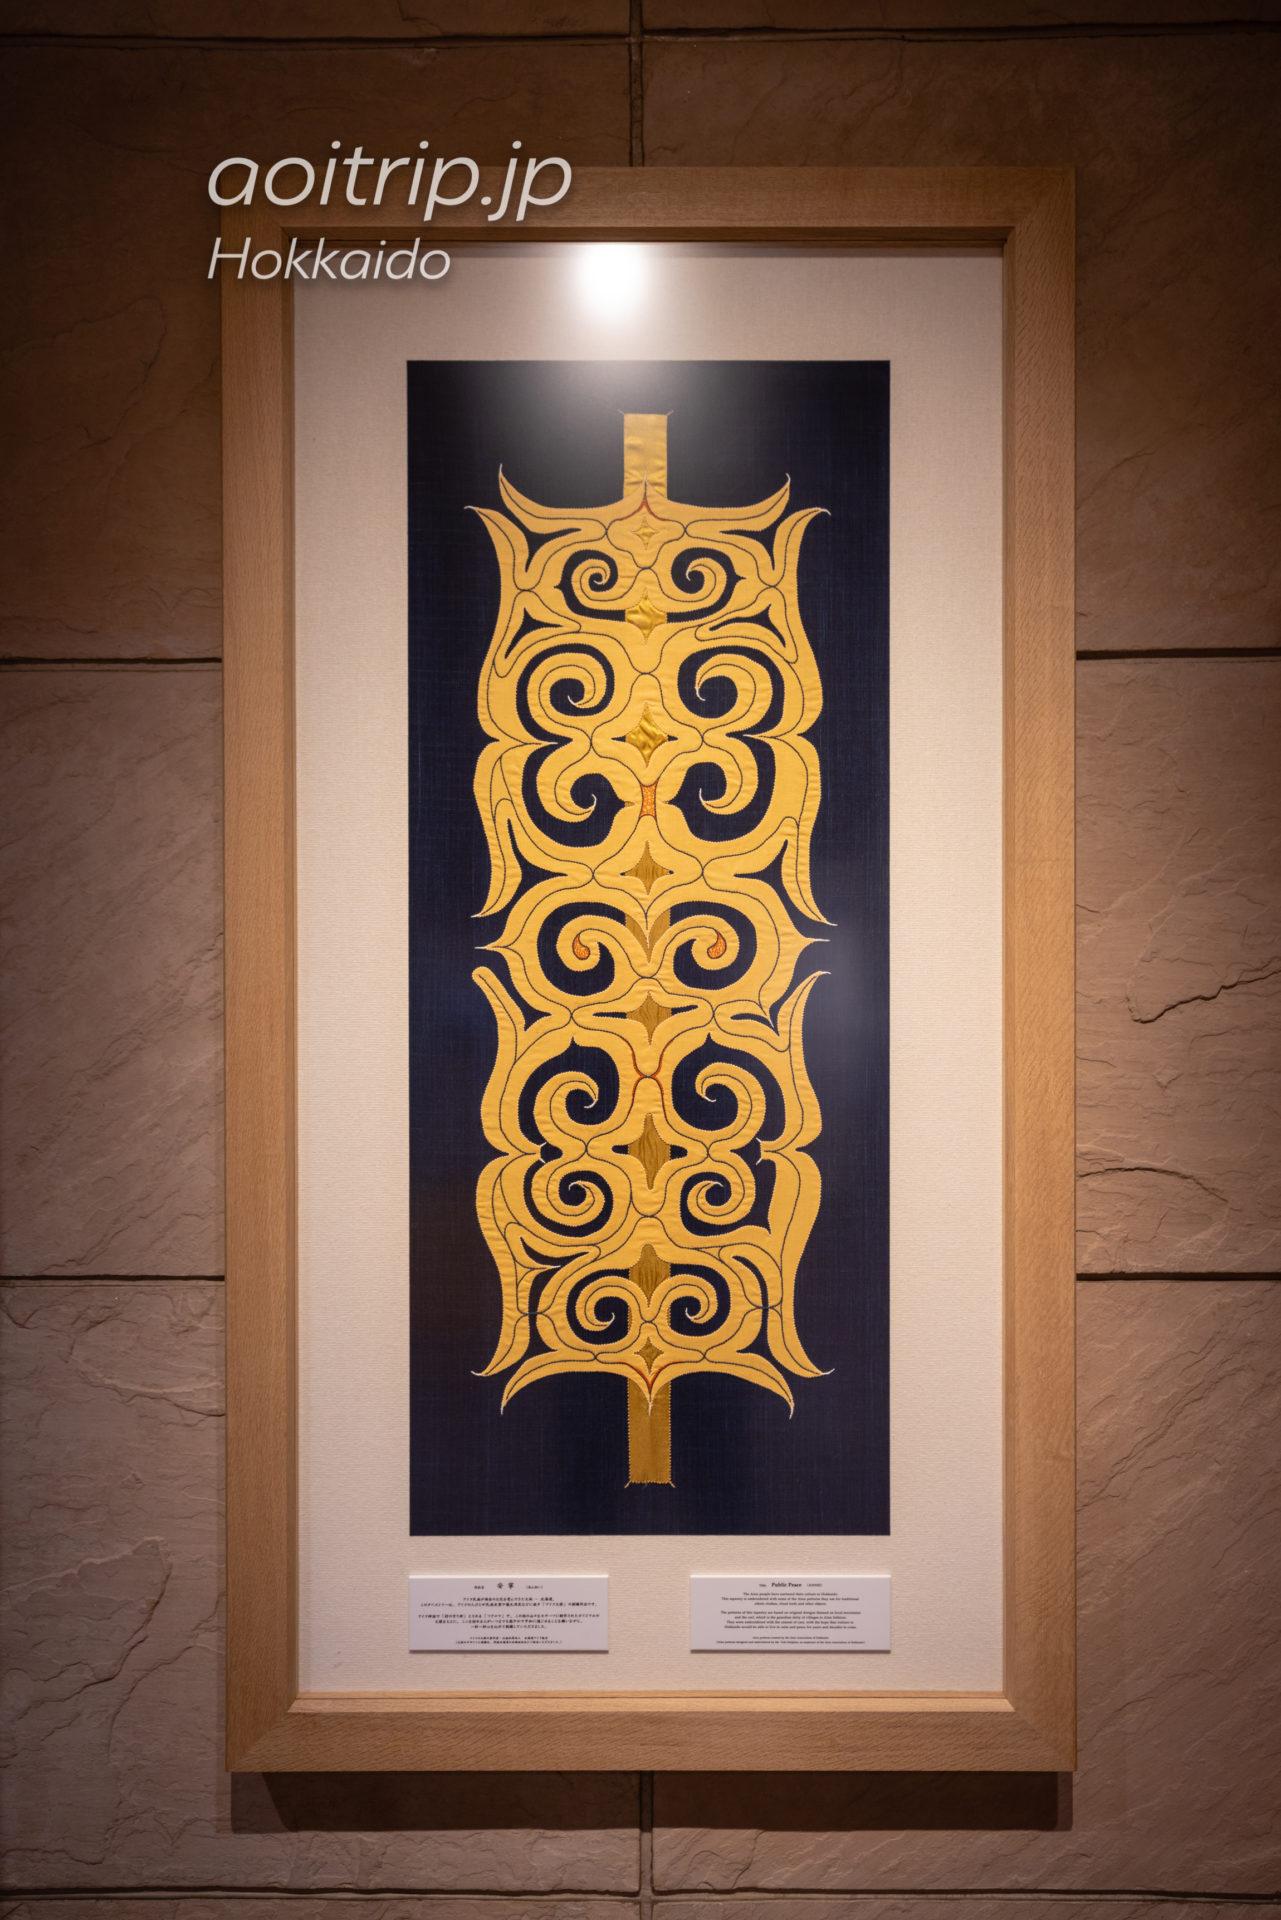 キロロ トリビュートポートフォリオホテル 北海道 アイヌ文様のタペストリー